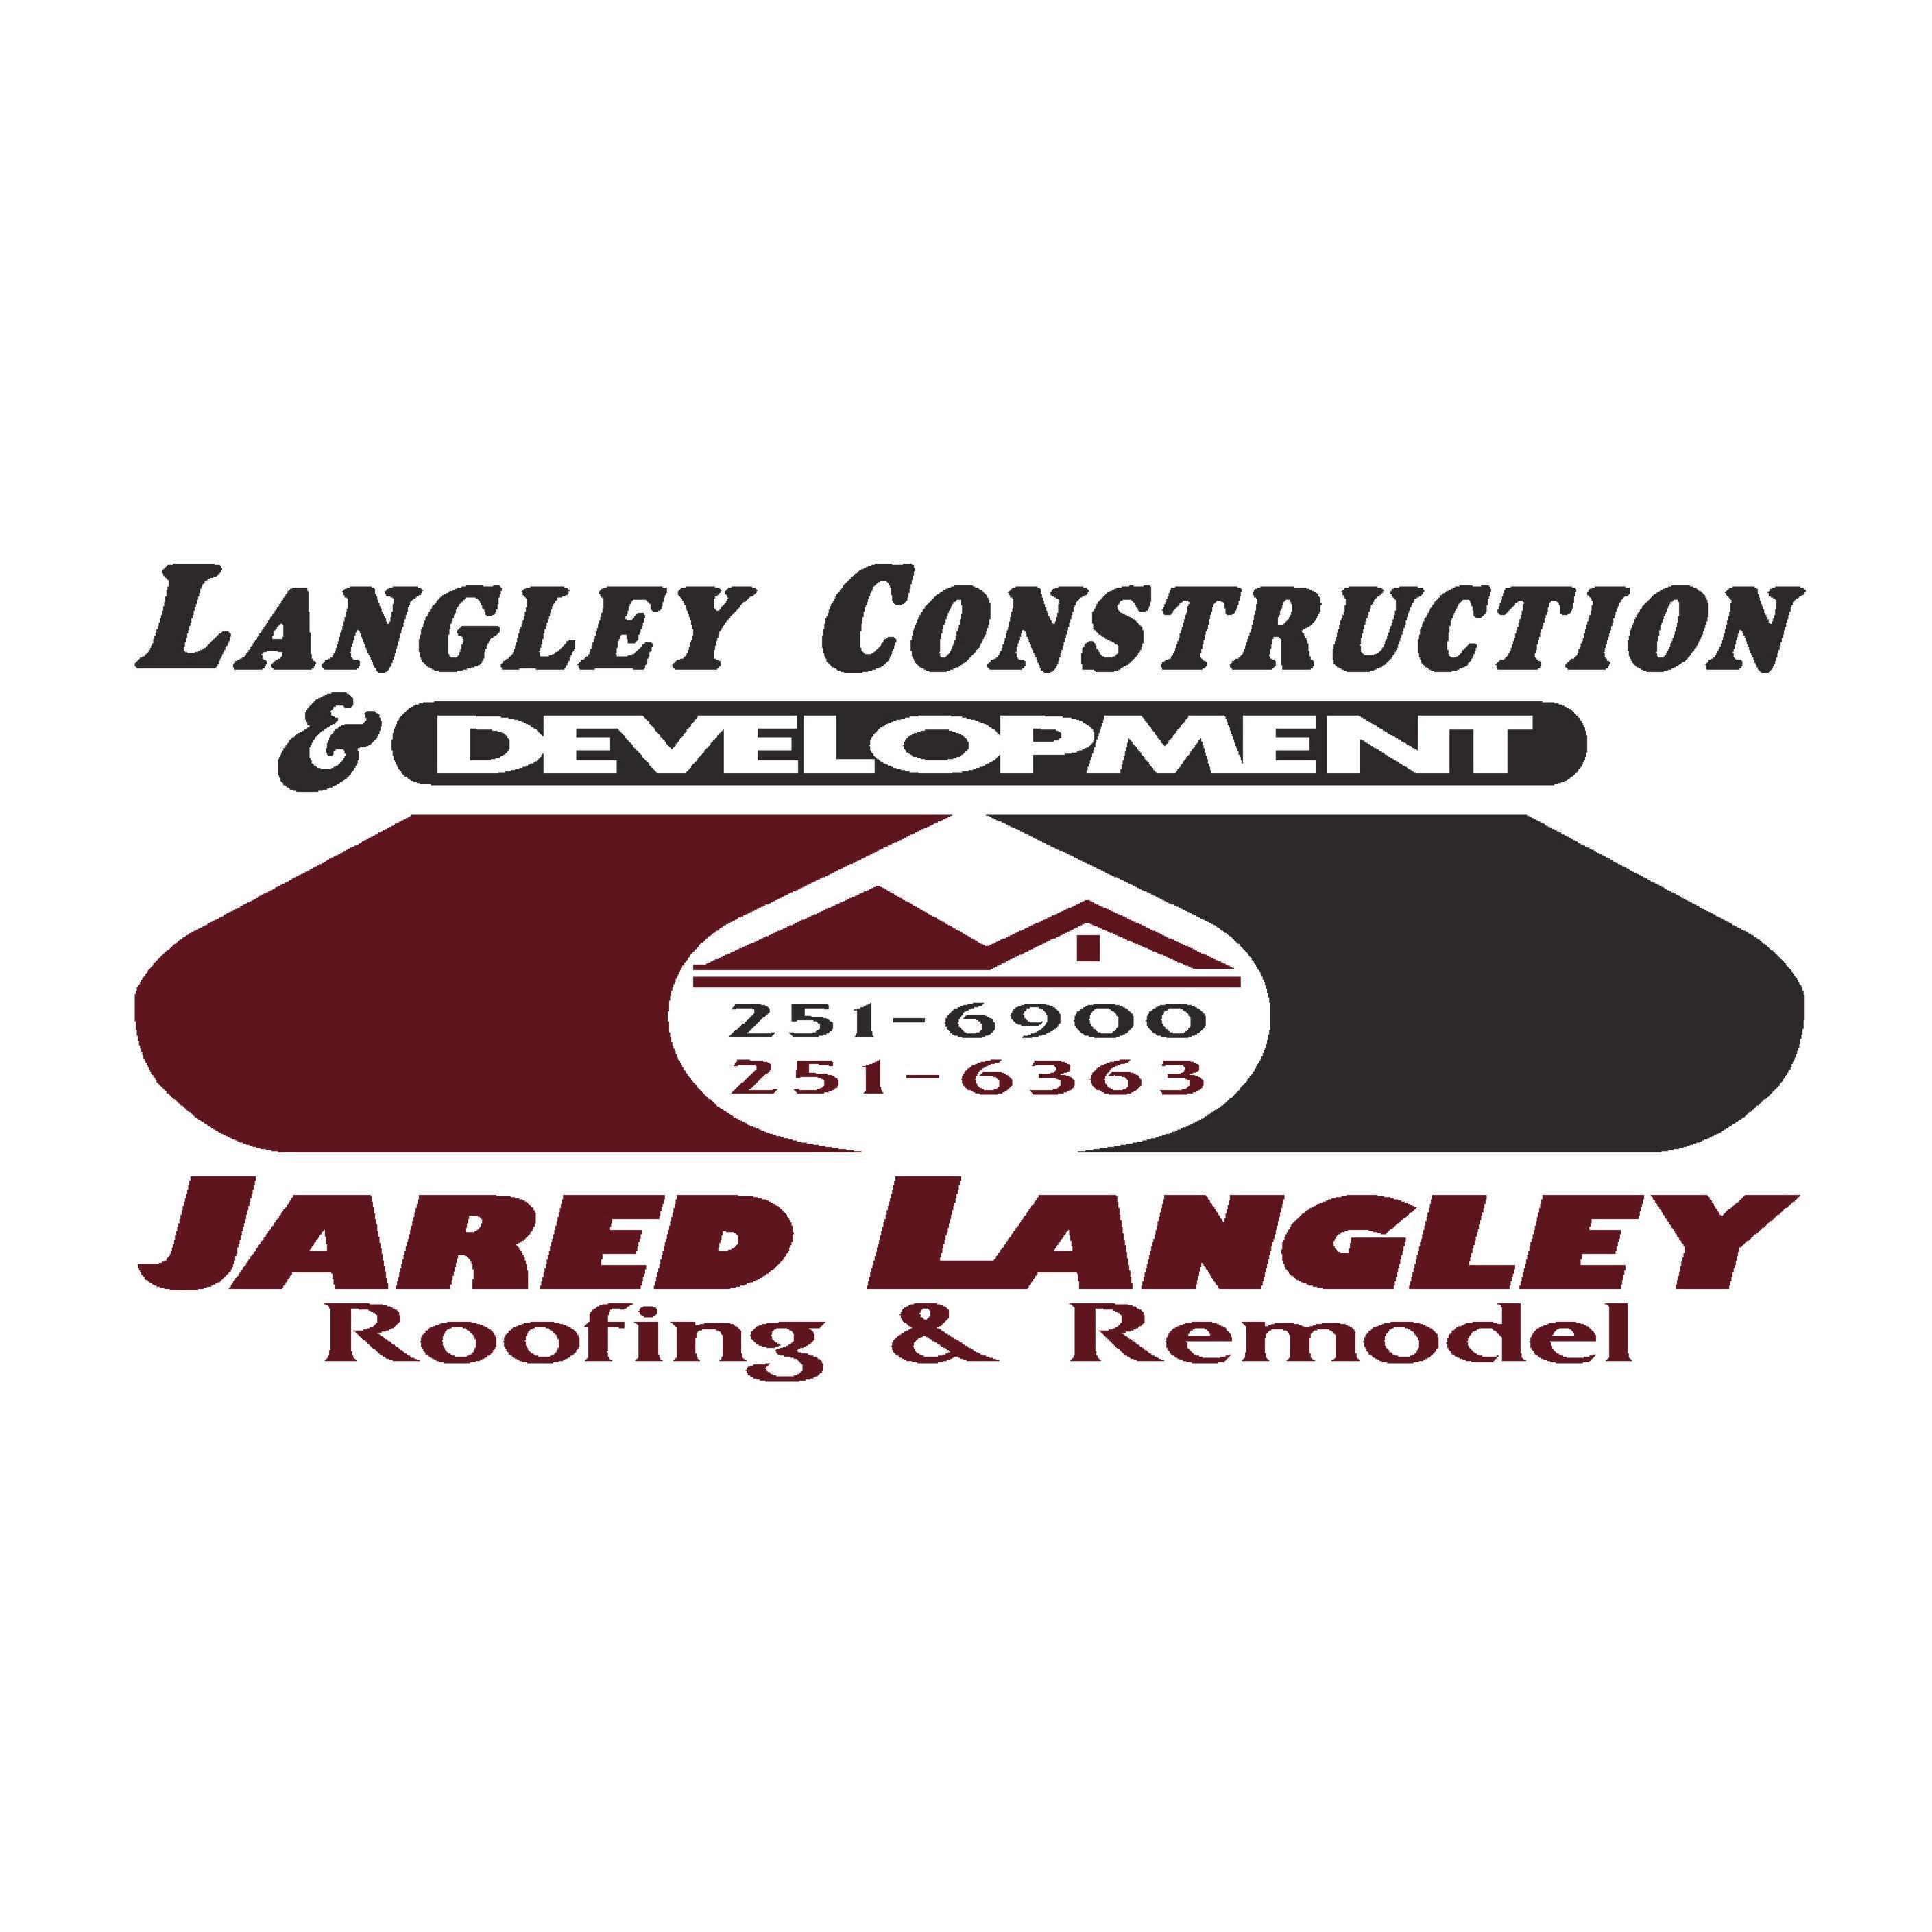 Jared Langley Enterprises Inc In Missoula Mt General